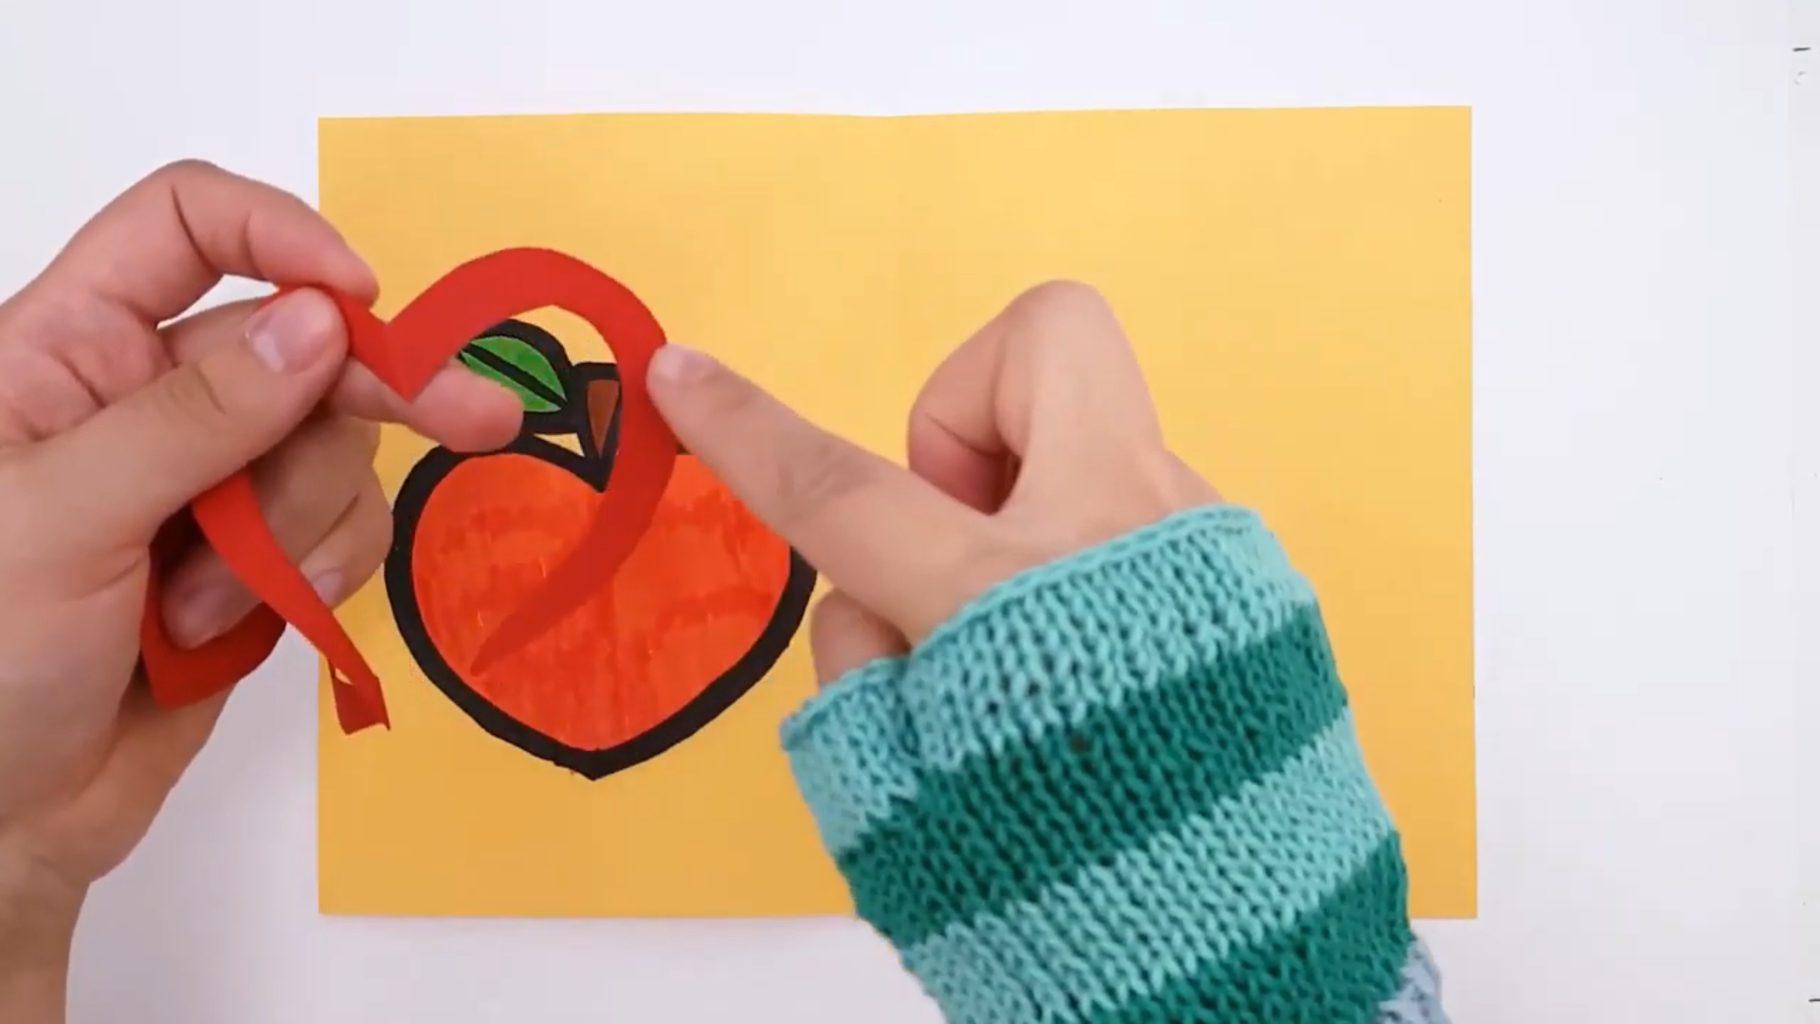 Glue the Spiral in | Liimaa Spiraali